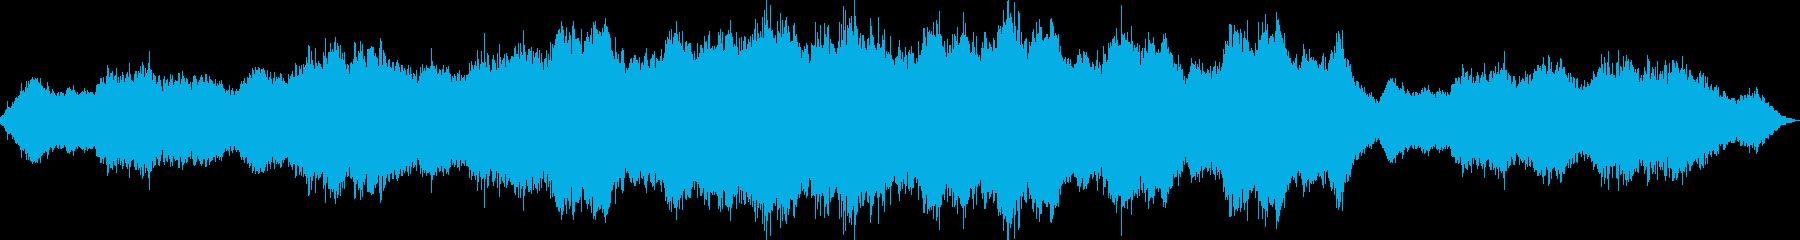 宇宙空間を想像させるアンビエントの再生済みの波形